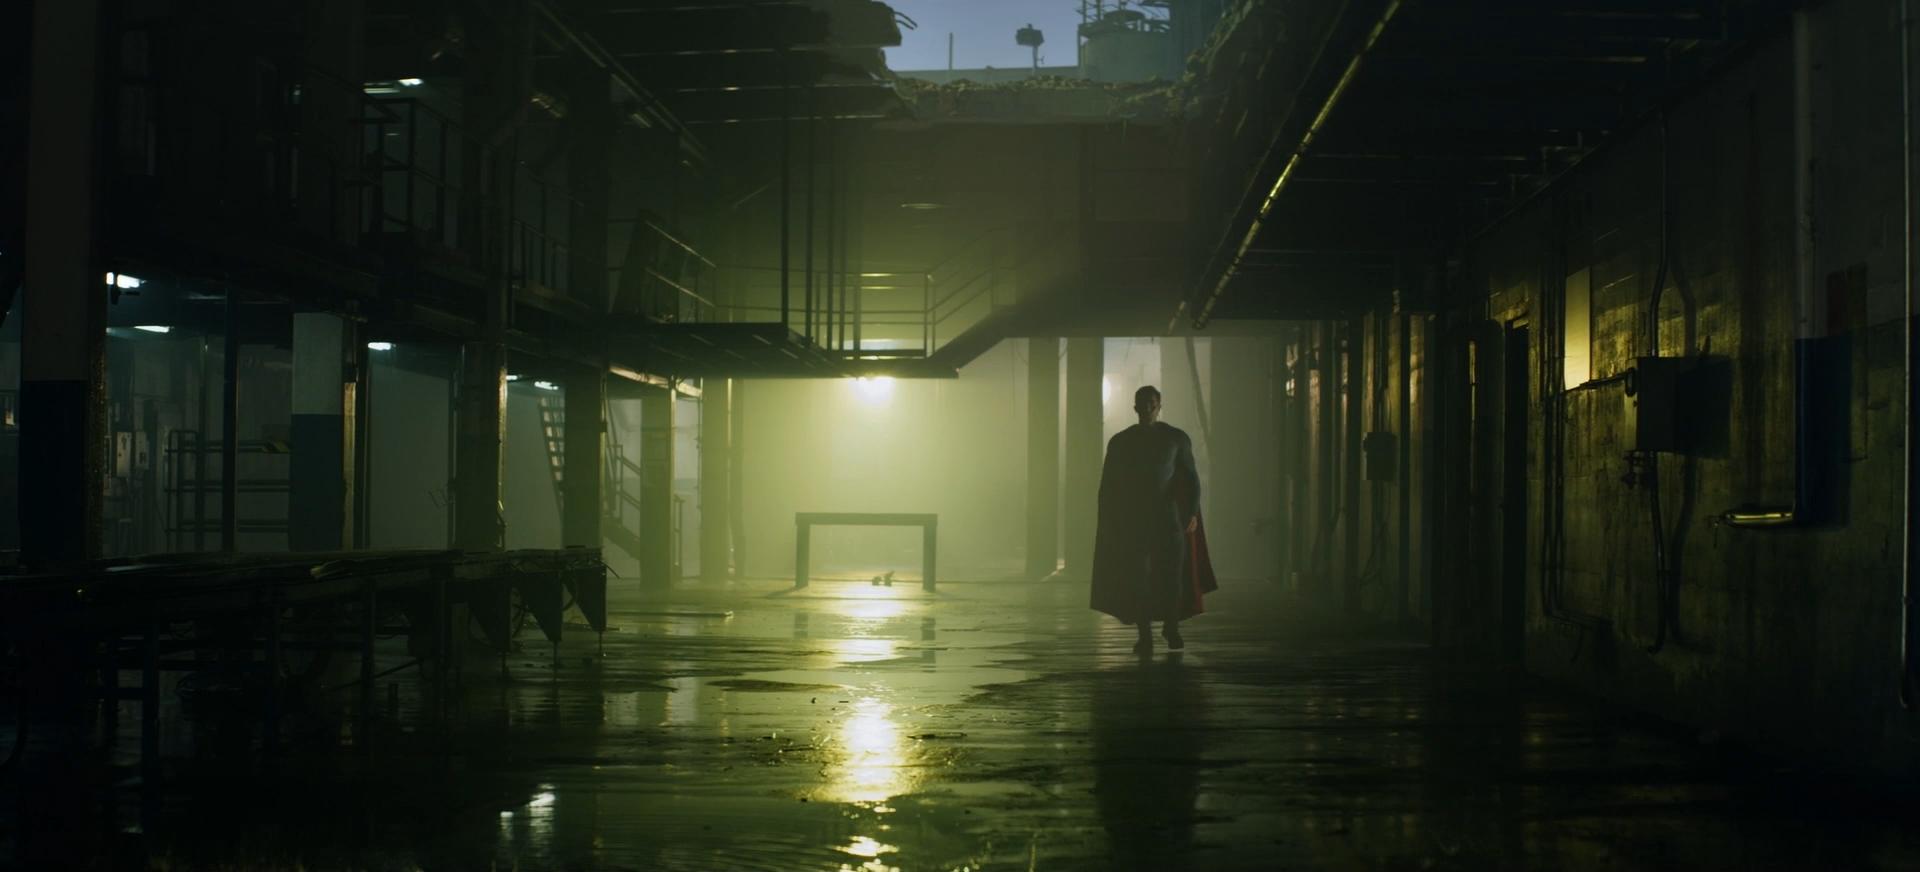 Изображение для Супермен и Лоис / Superman and Lois, Сезон 1, Серии 1-5 из 15 + Спецвыпуск (2021) WEBRip 1080p (кликните для просмотра полного изображения)